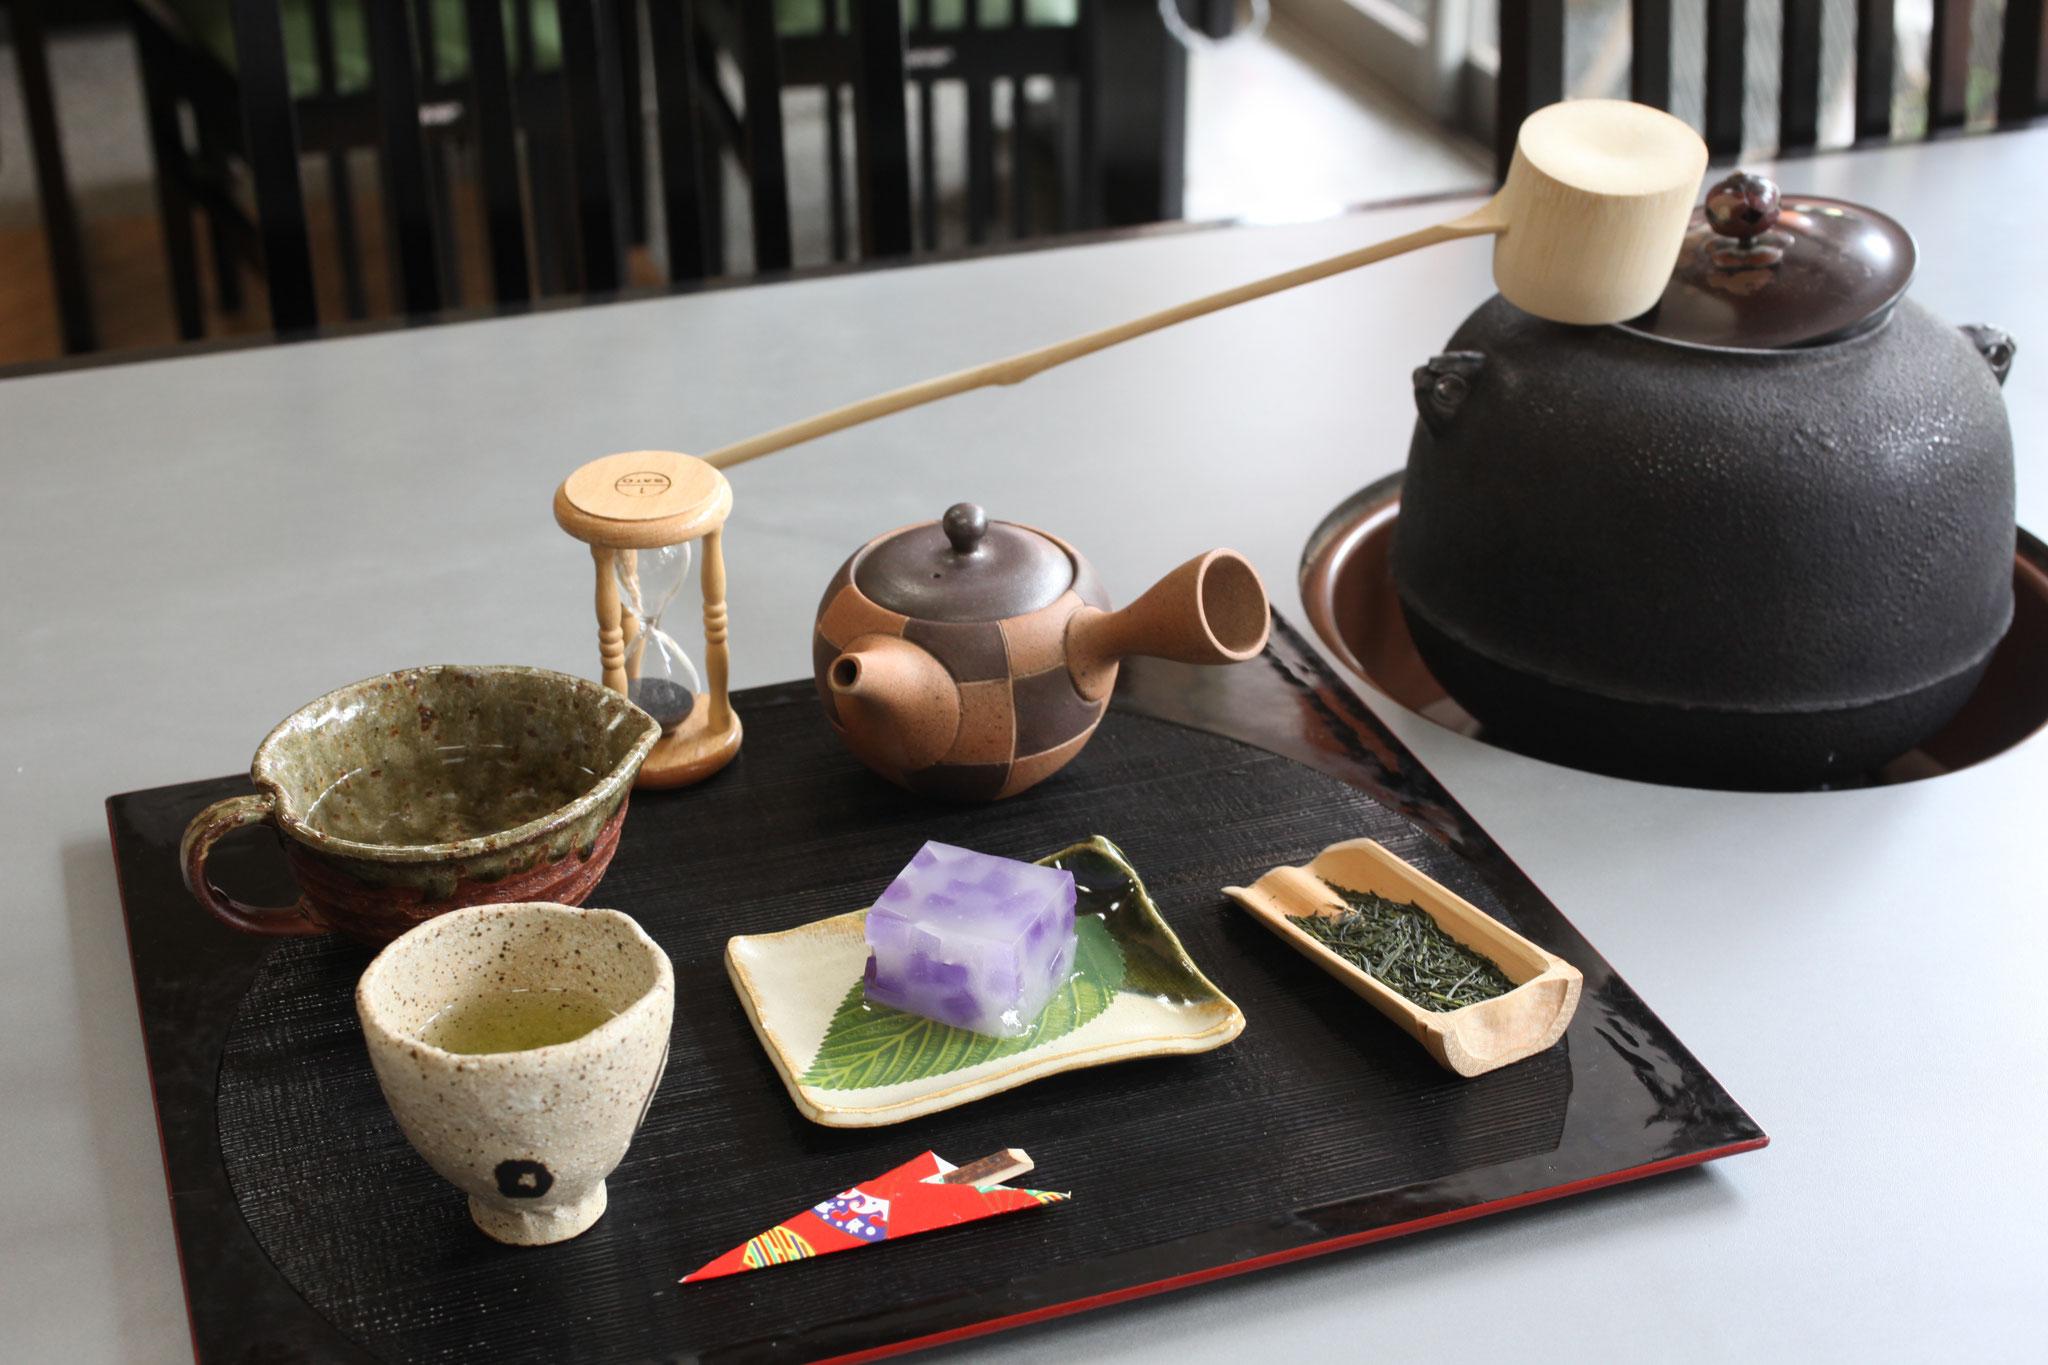 美味しい川根茶いただけます